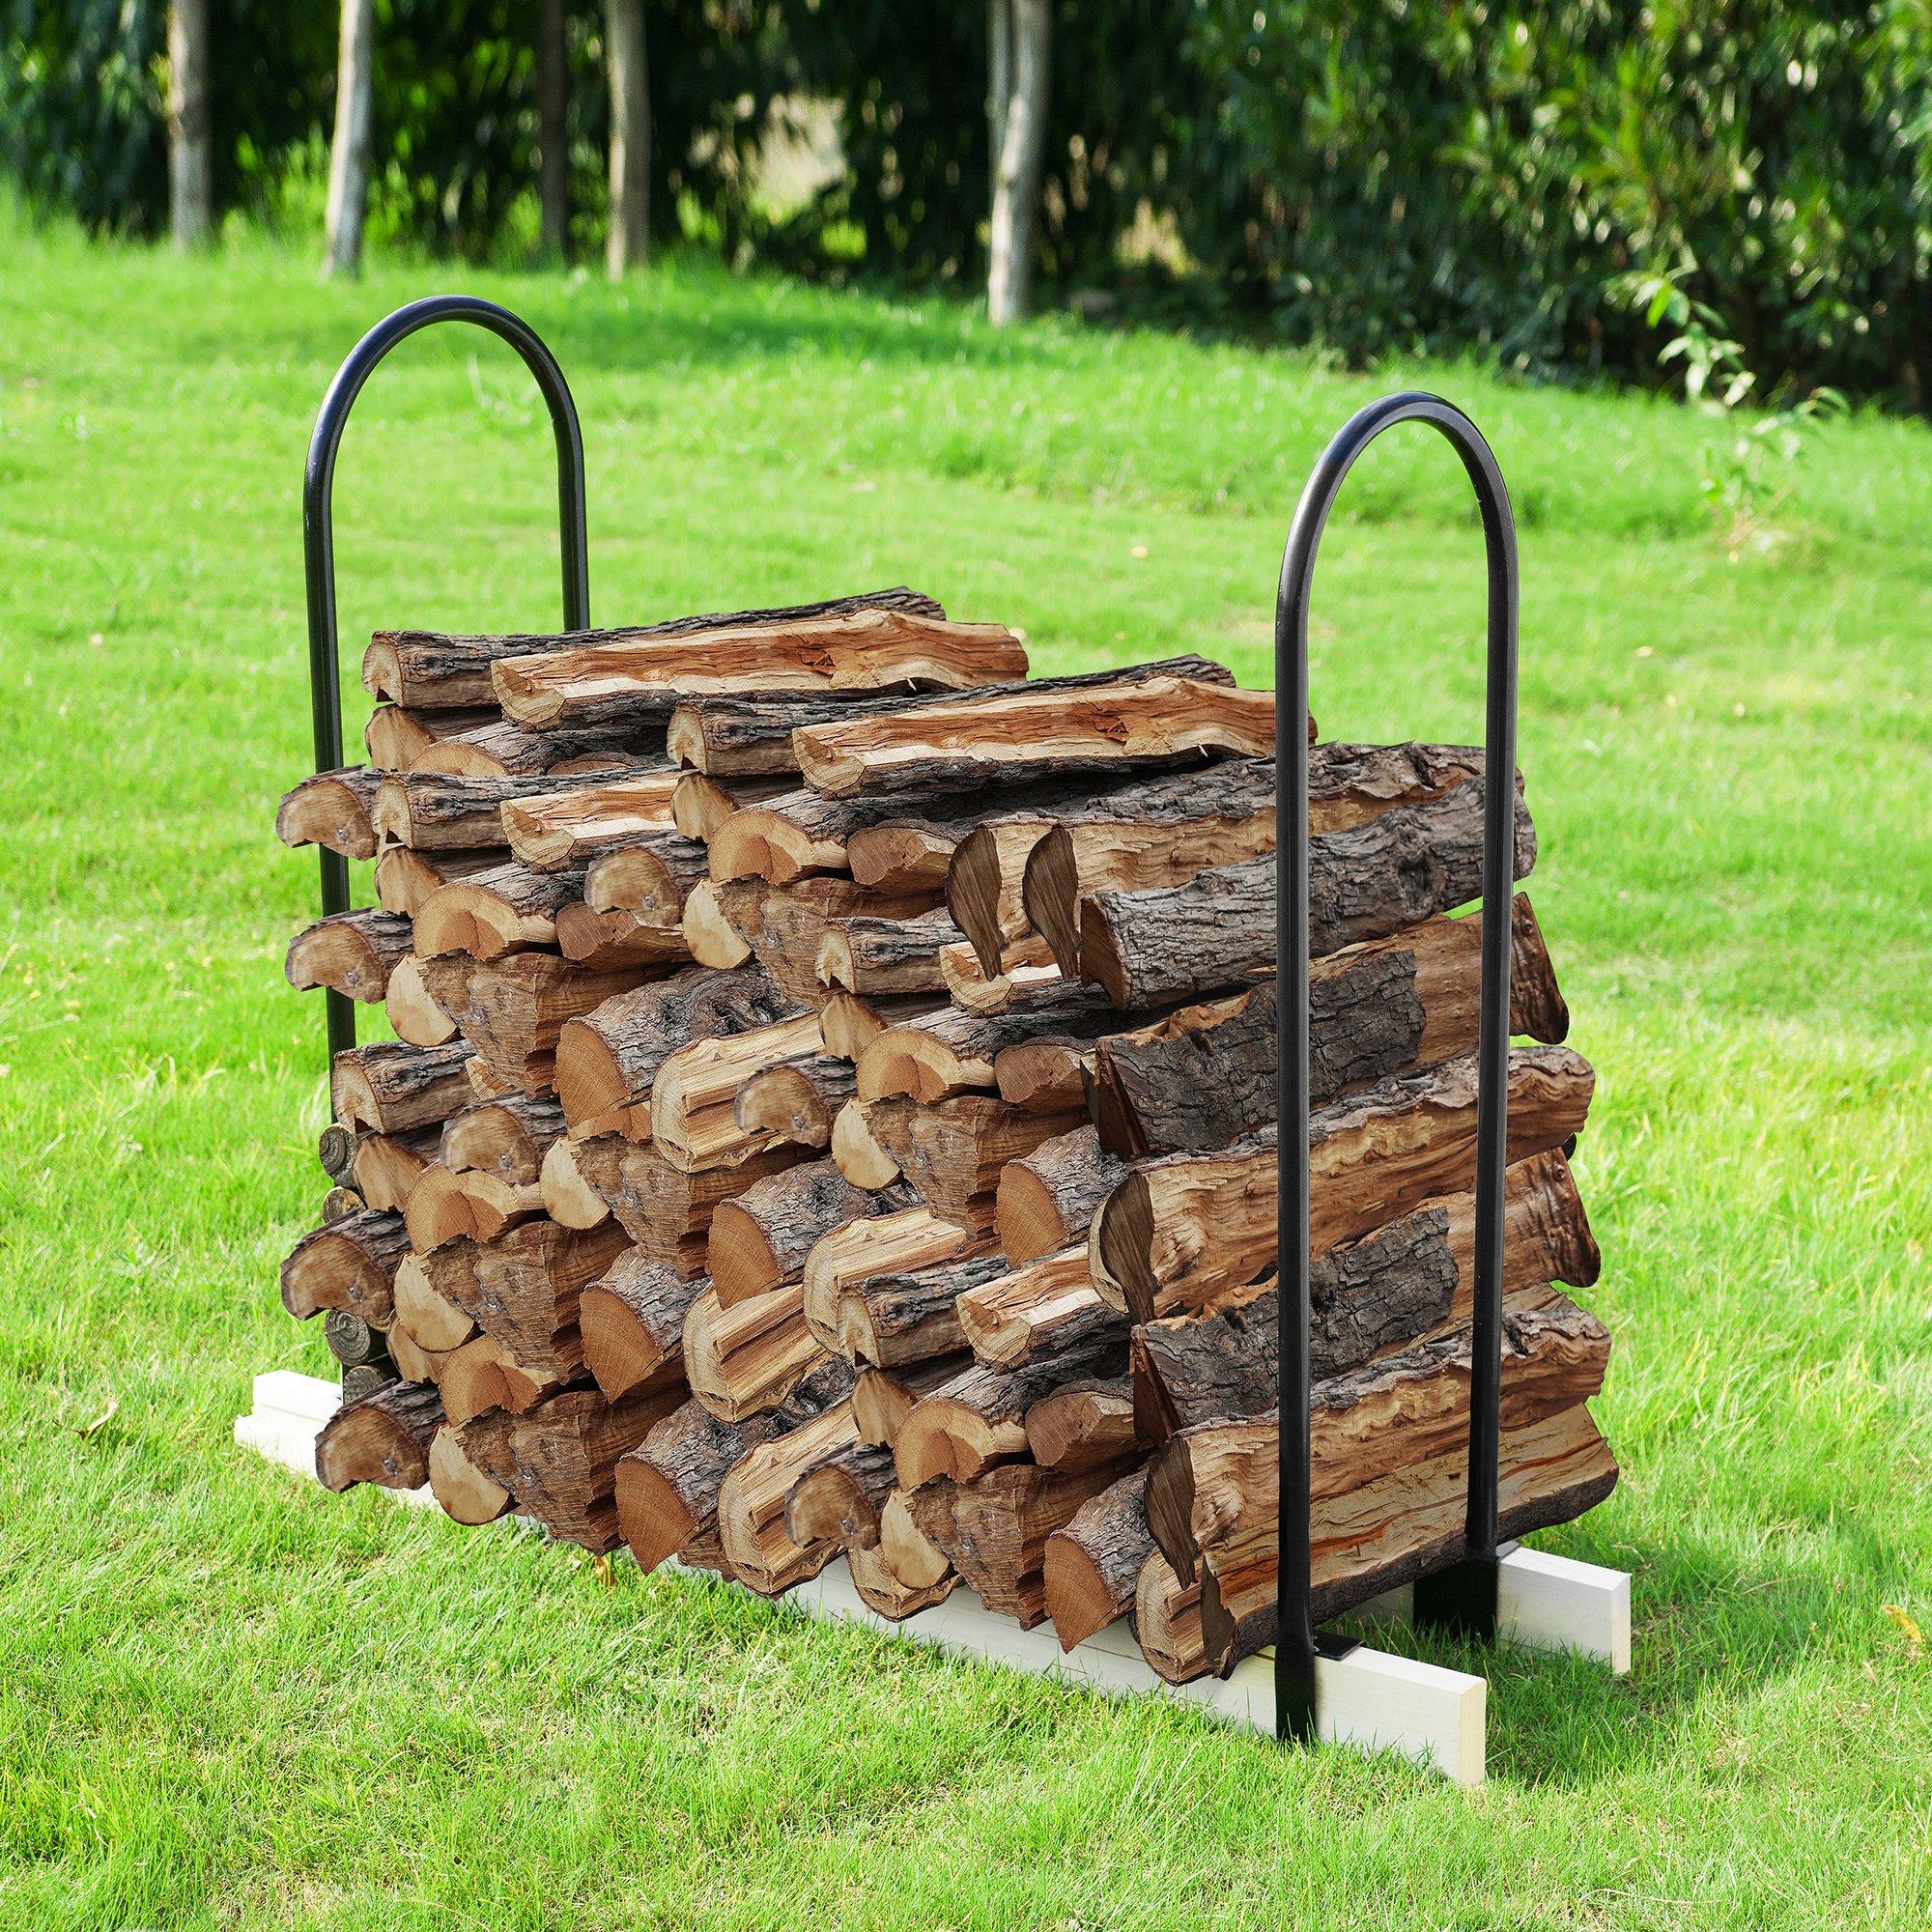 Earth Worth 83-DT5202 Adjustable Firewood Log Rack   up to 16 ft   Black